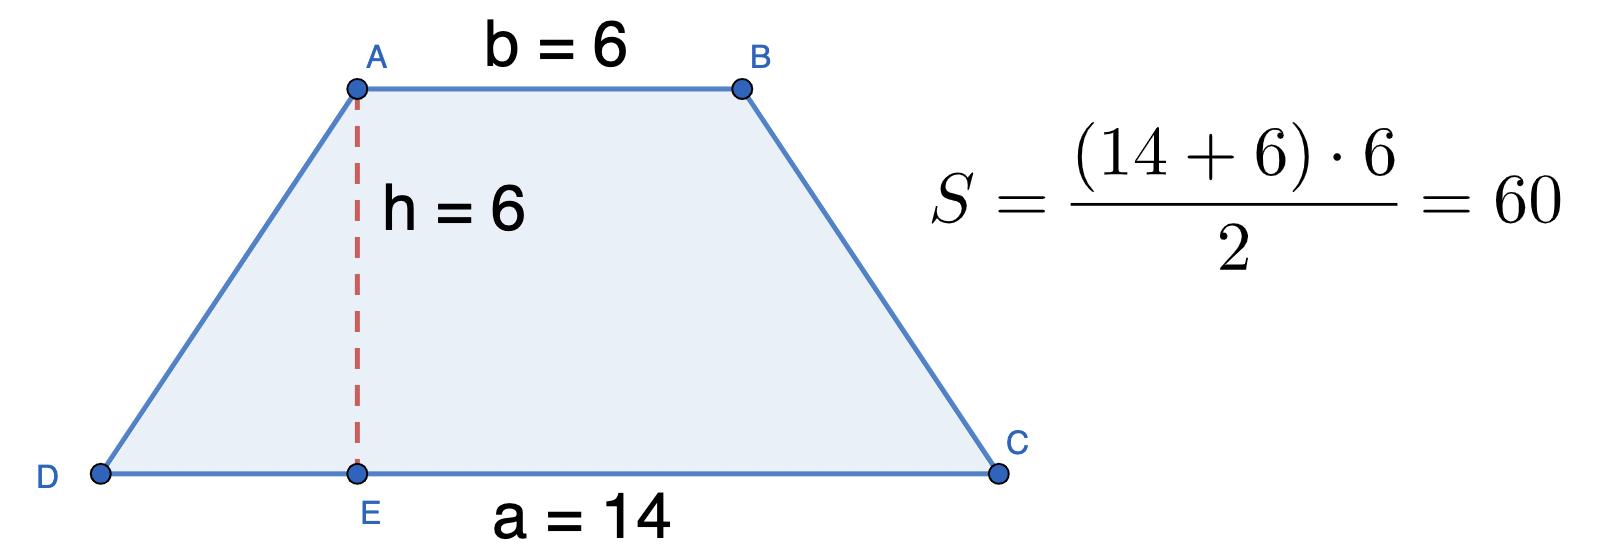 דוגמא לחישוב שטח טרפז שווה שוקיים